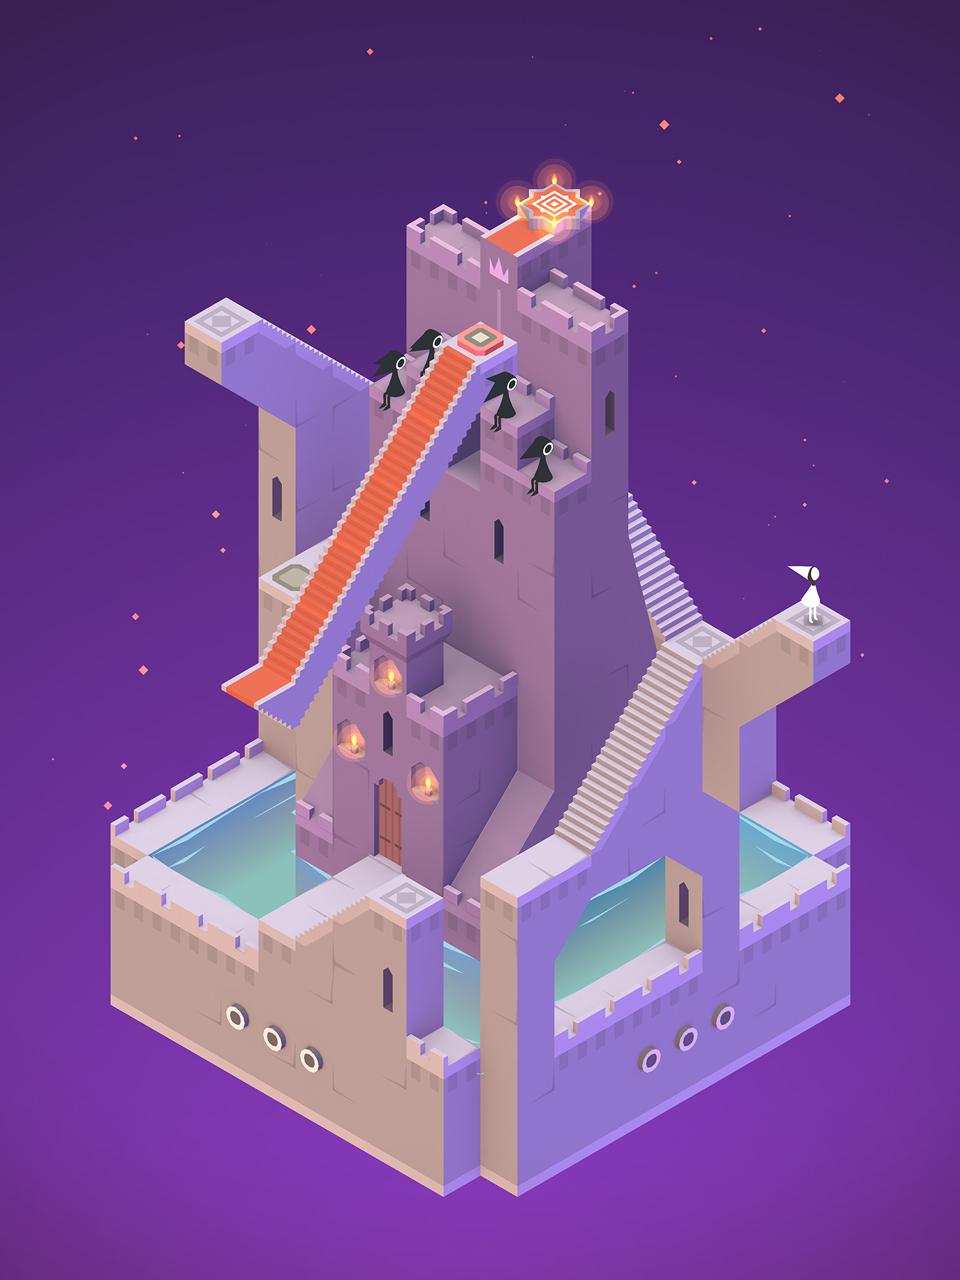 monumentvalley_02